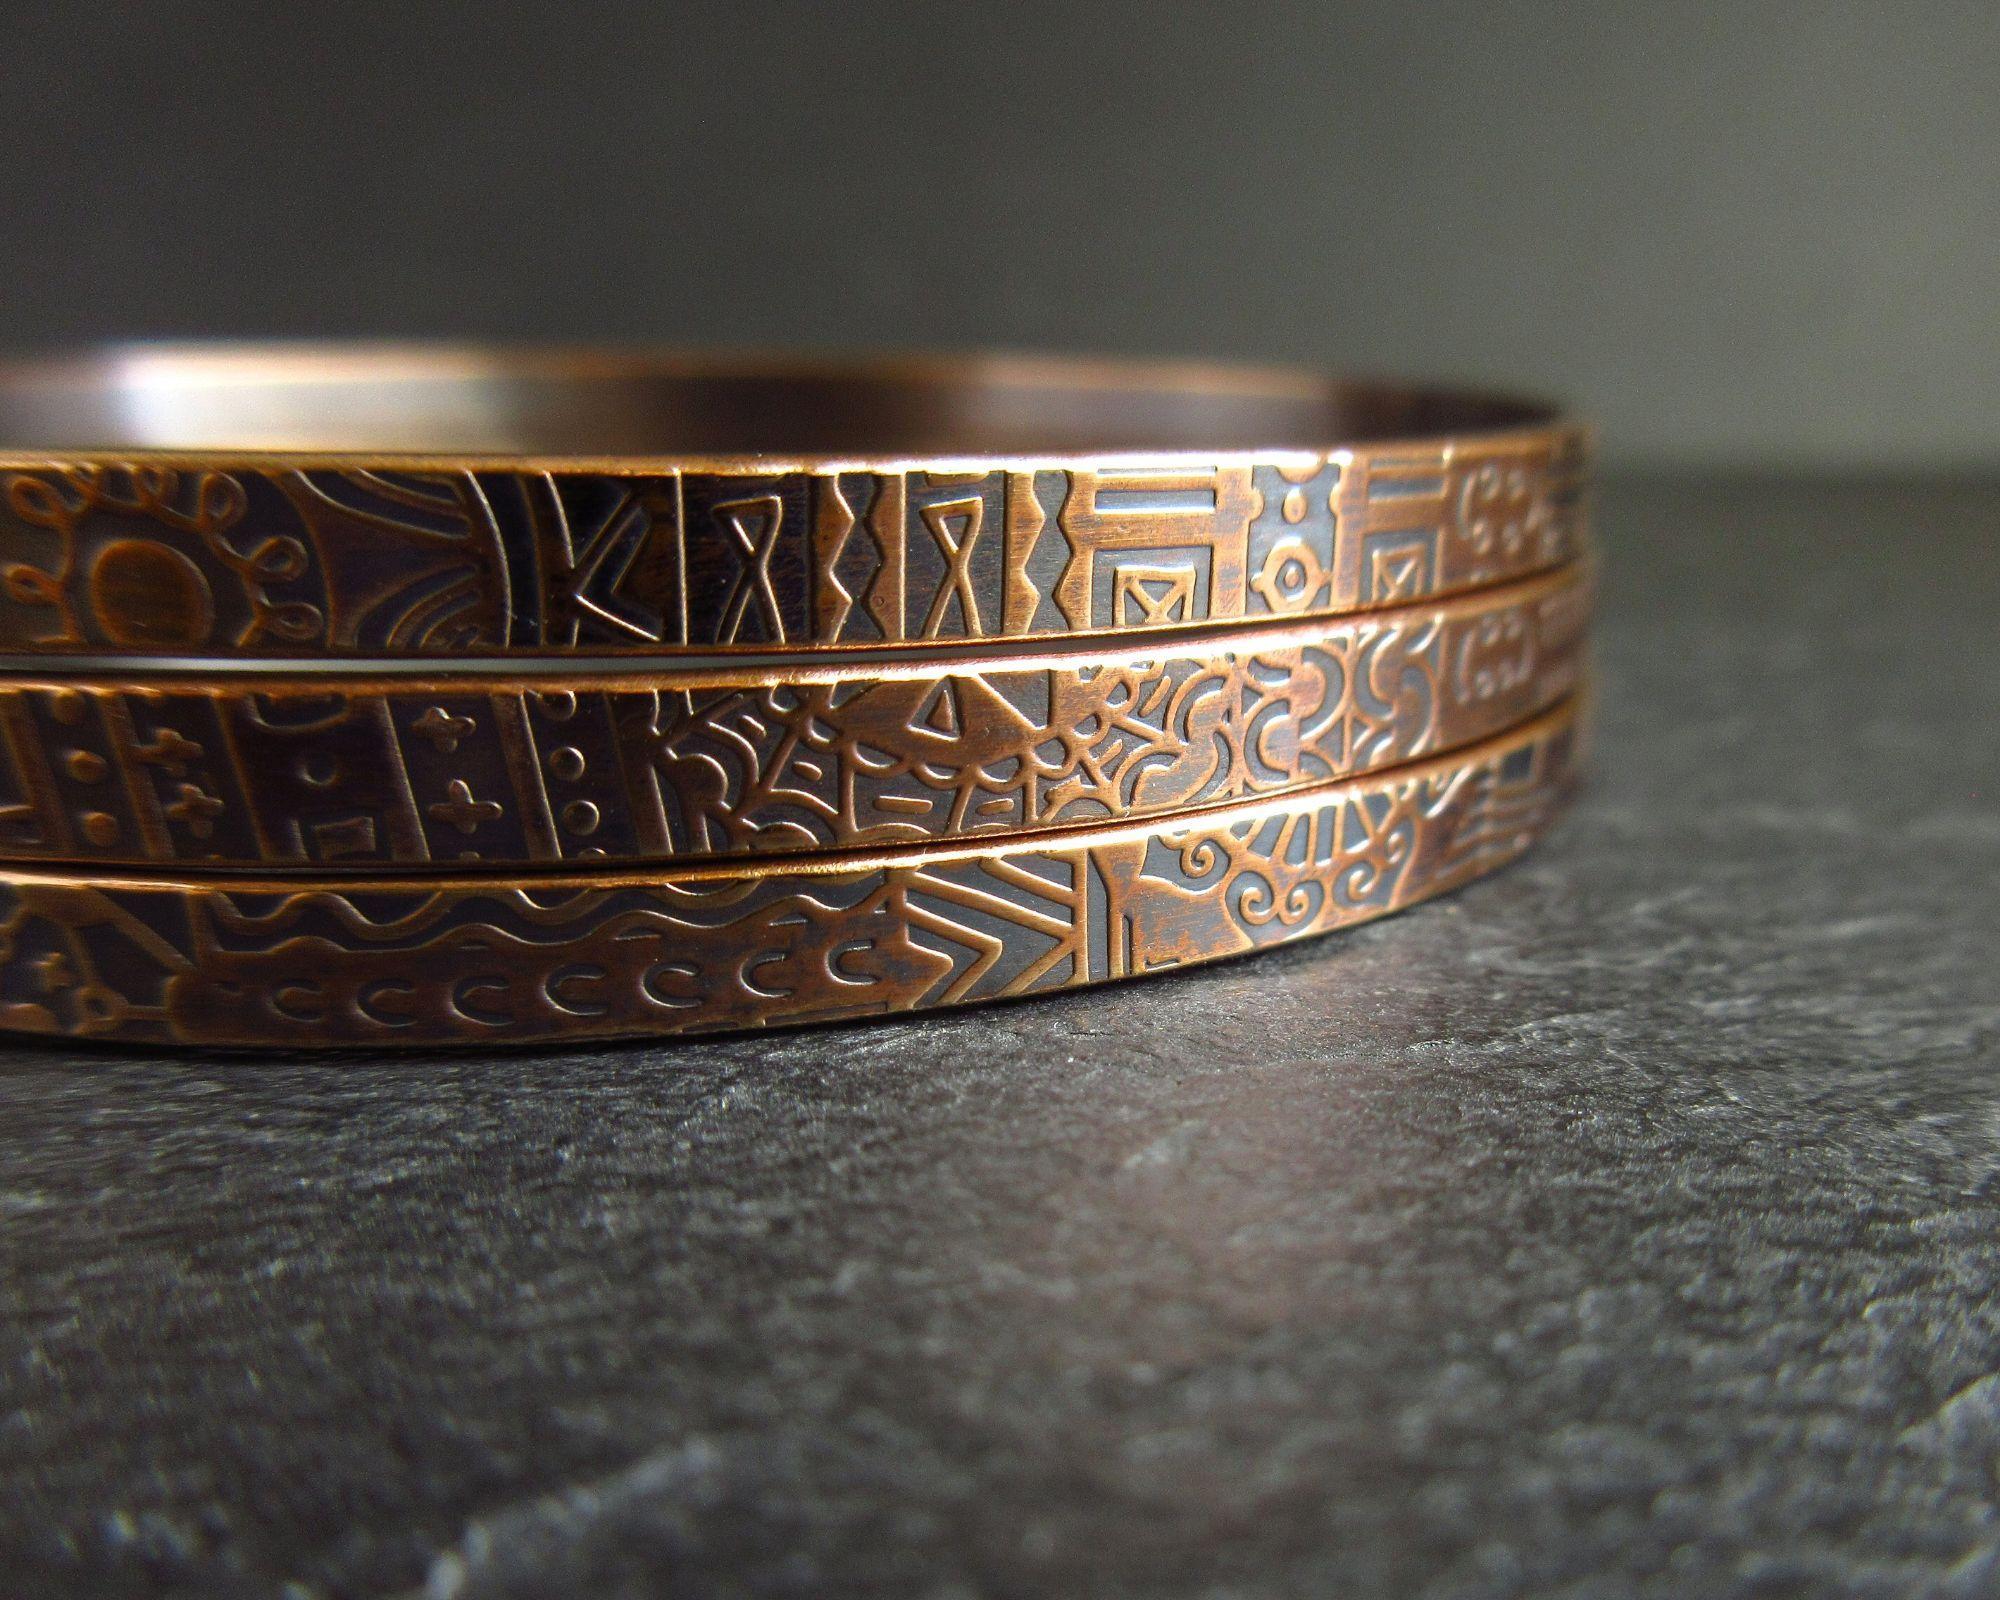 Patterned bronze bangles